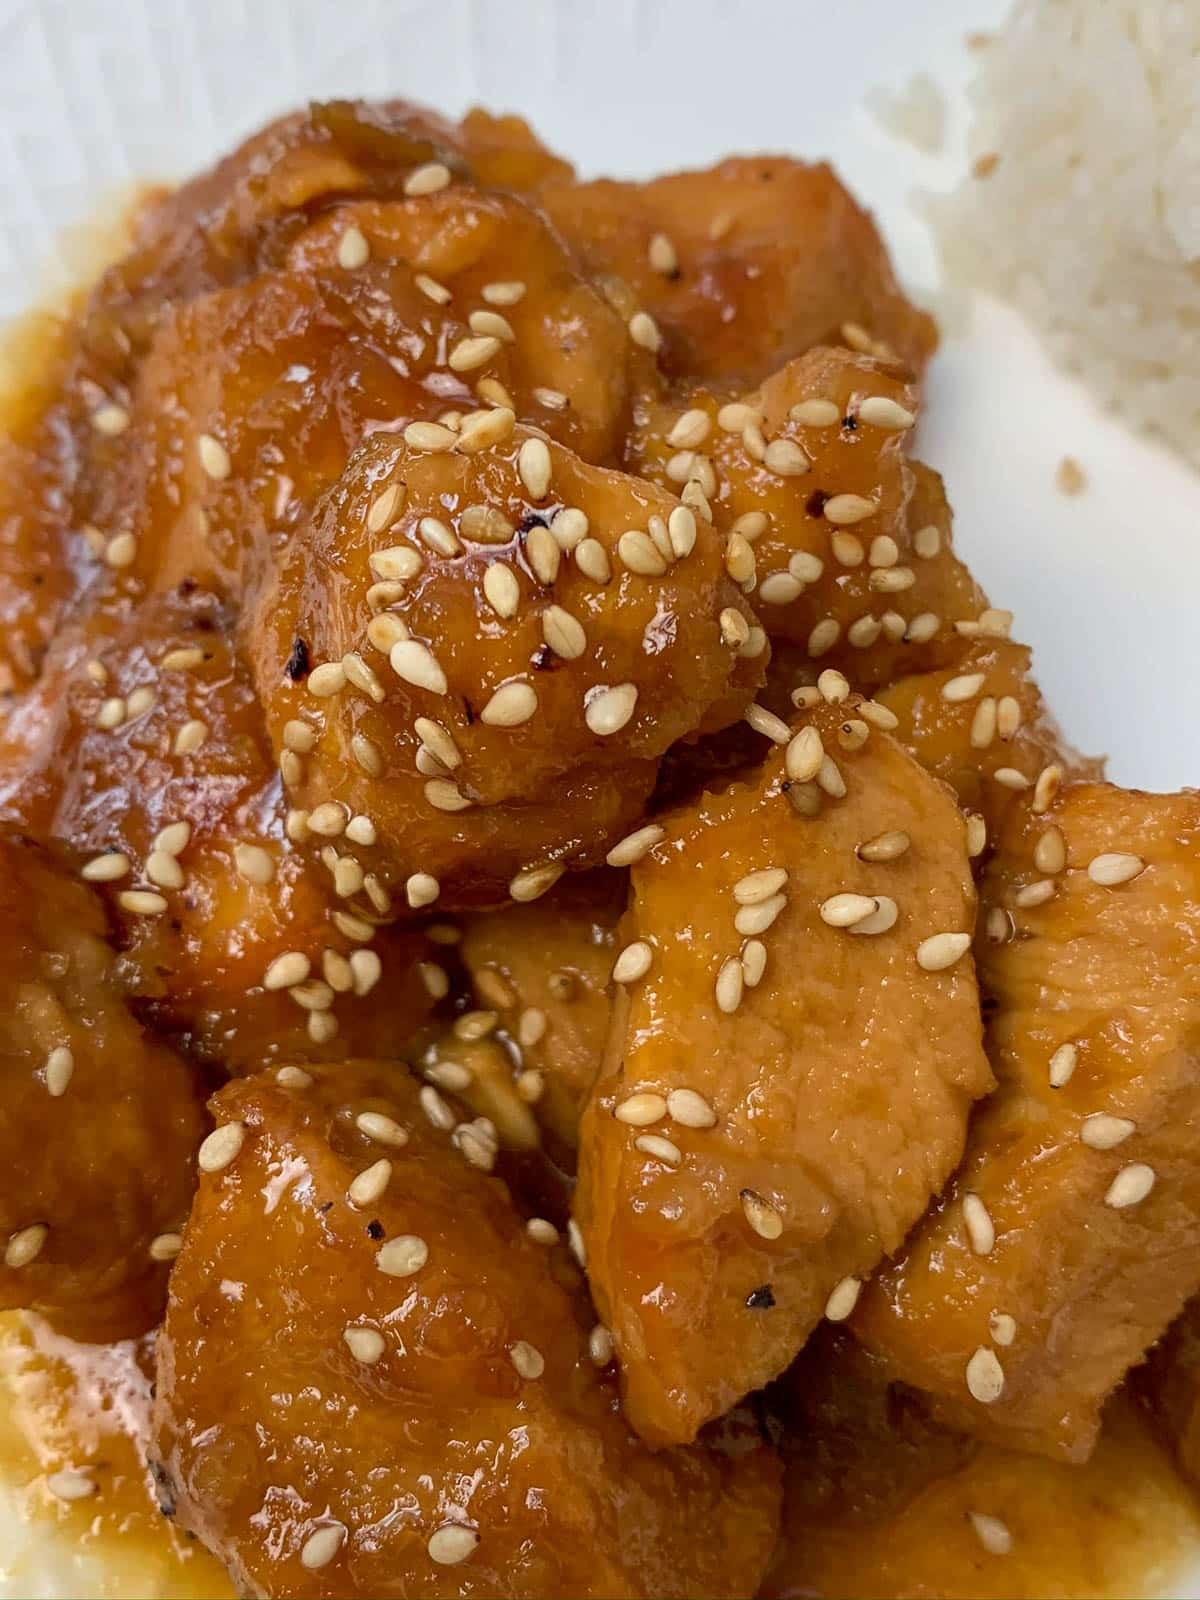 orange chicken with sesame seeds